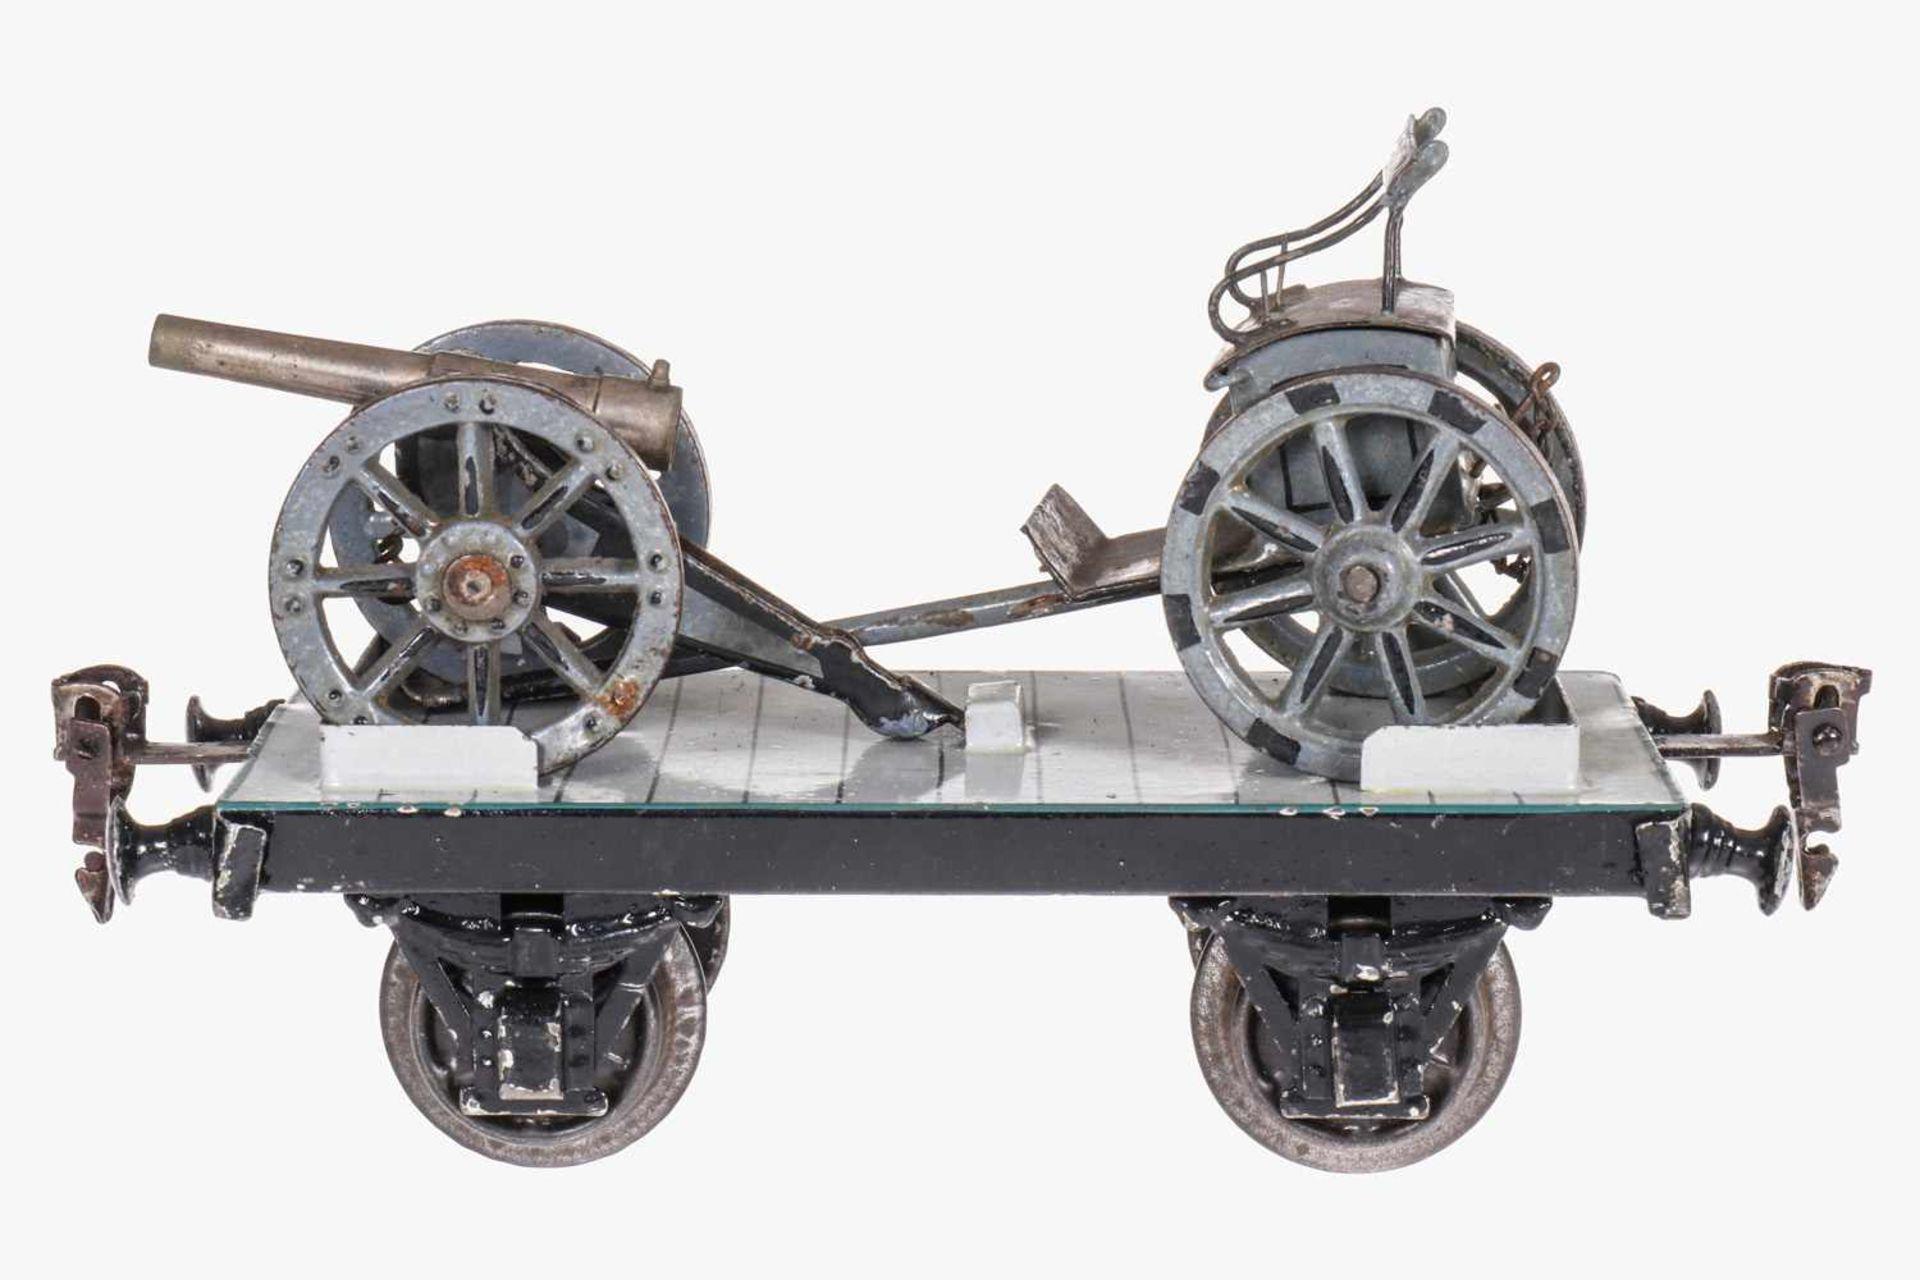 Märklin Militär-Plattformwagen 1924, S 1, uralt, HL, mit Protze und Kanone, Verschluss von Kanone